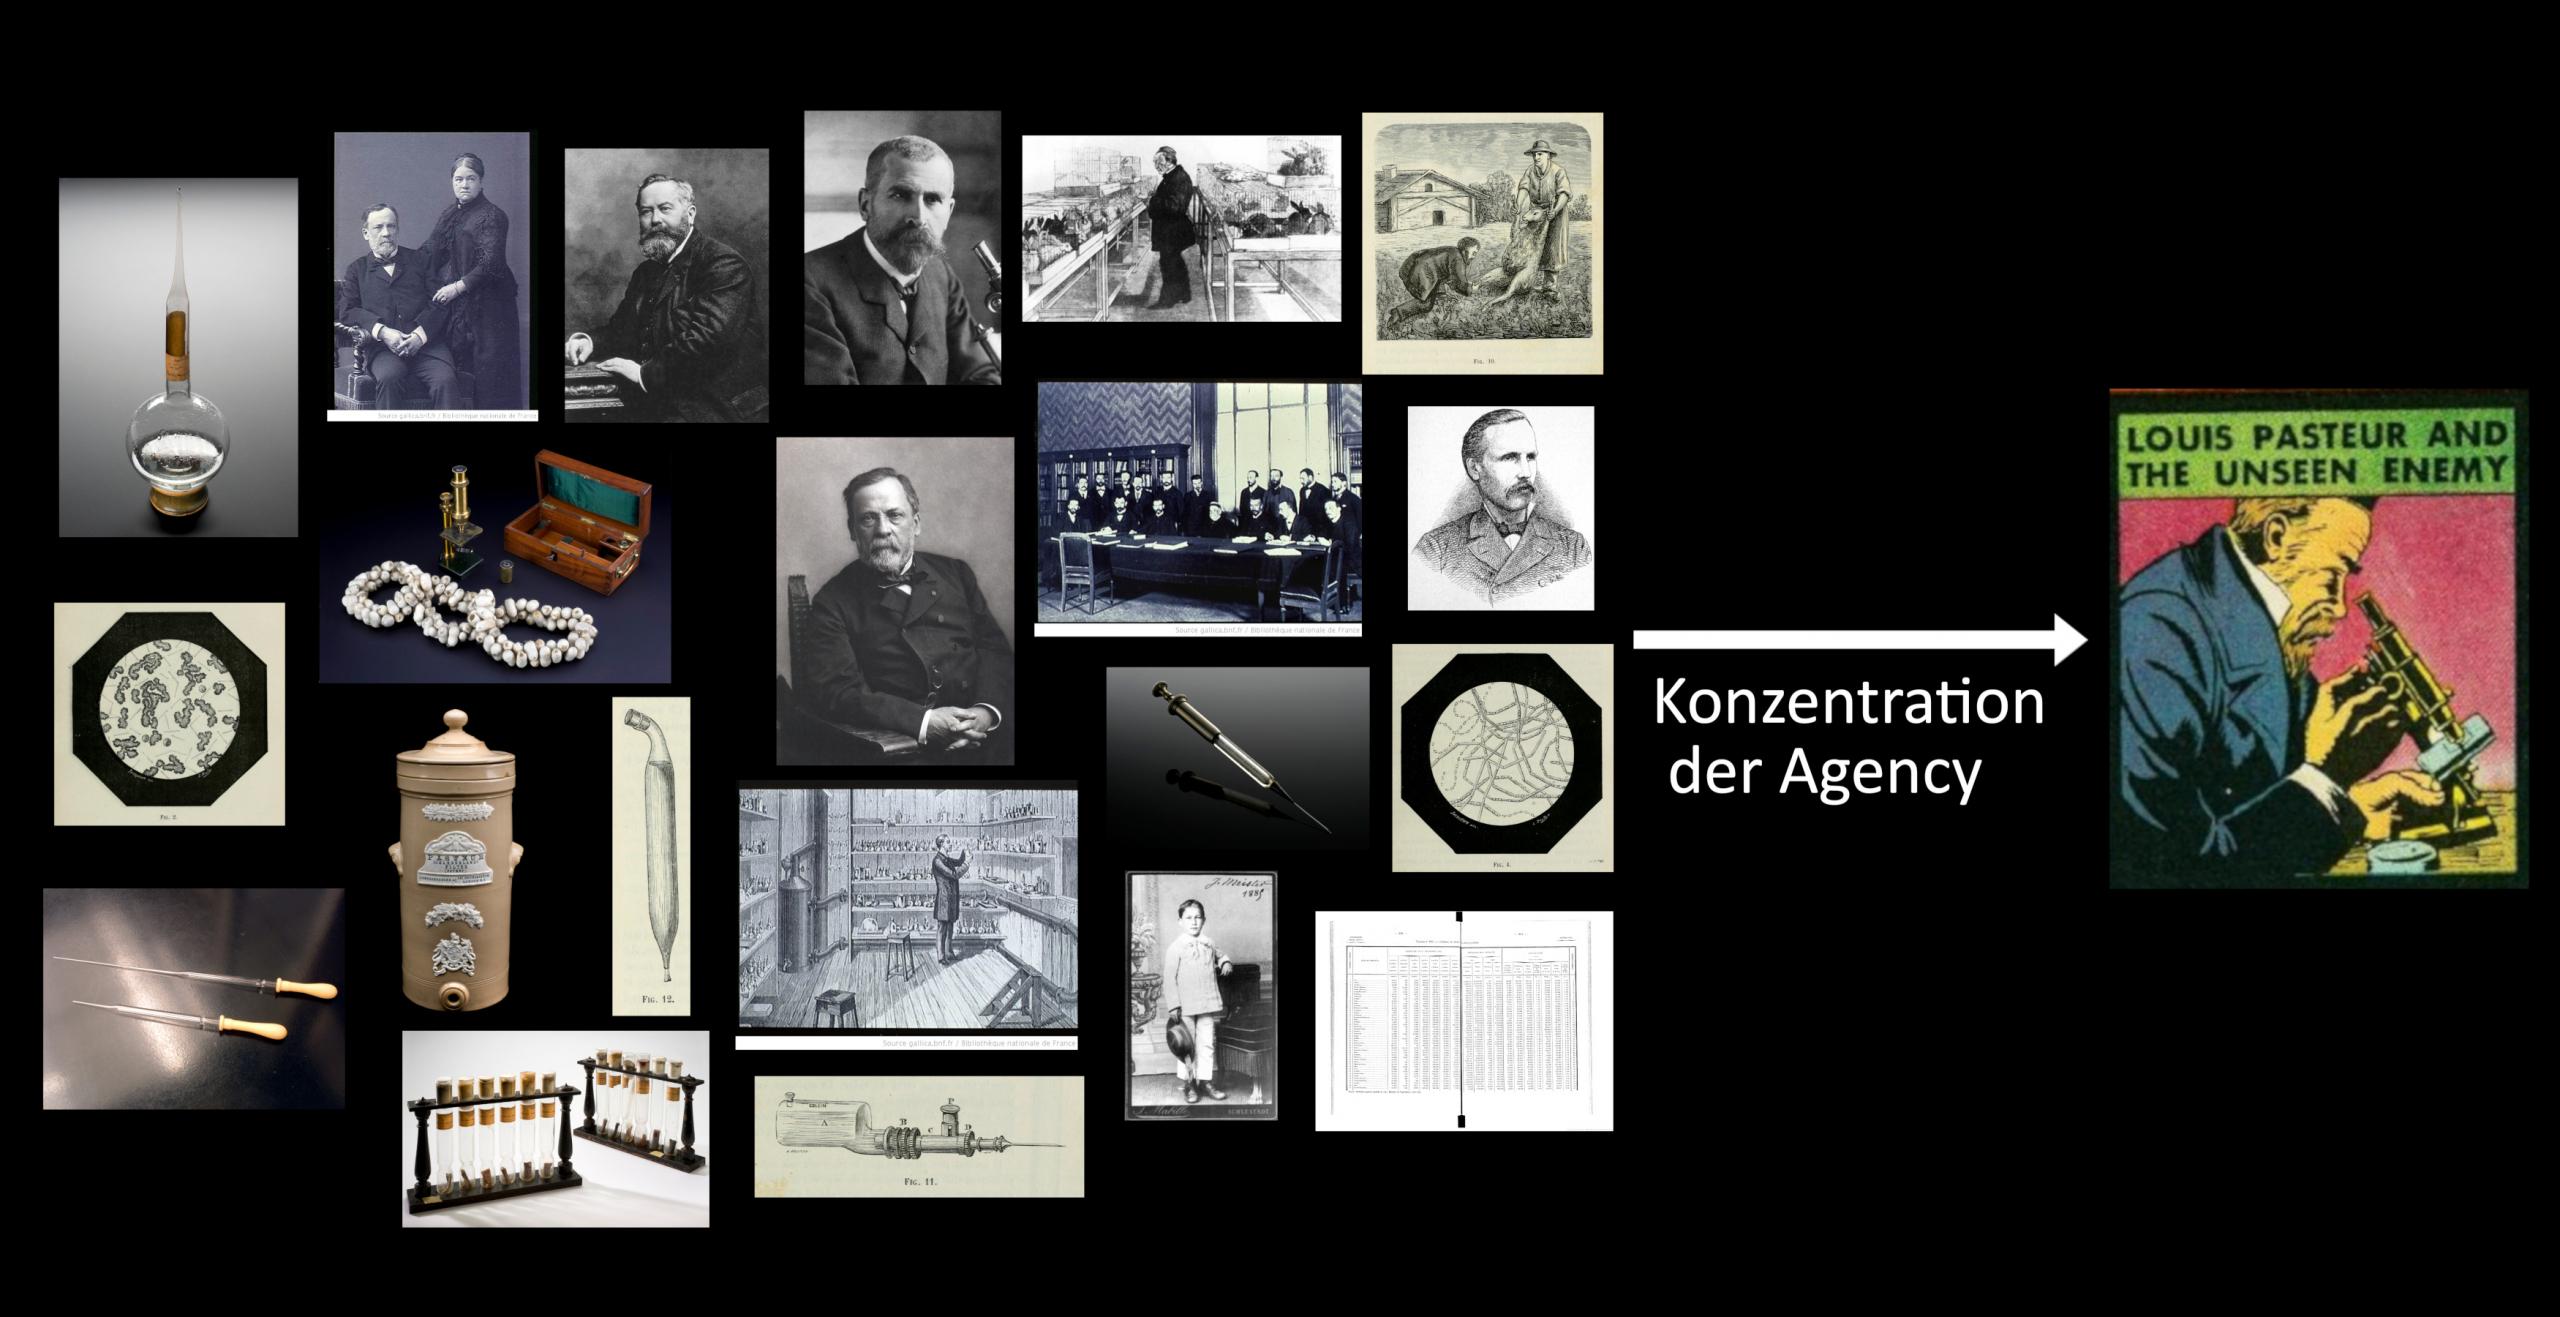 Das Akteur-Netzwerk wird auf Pasteur konzentriert.